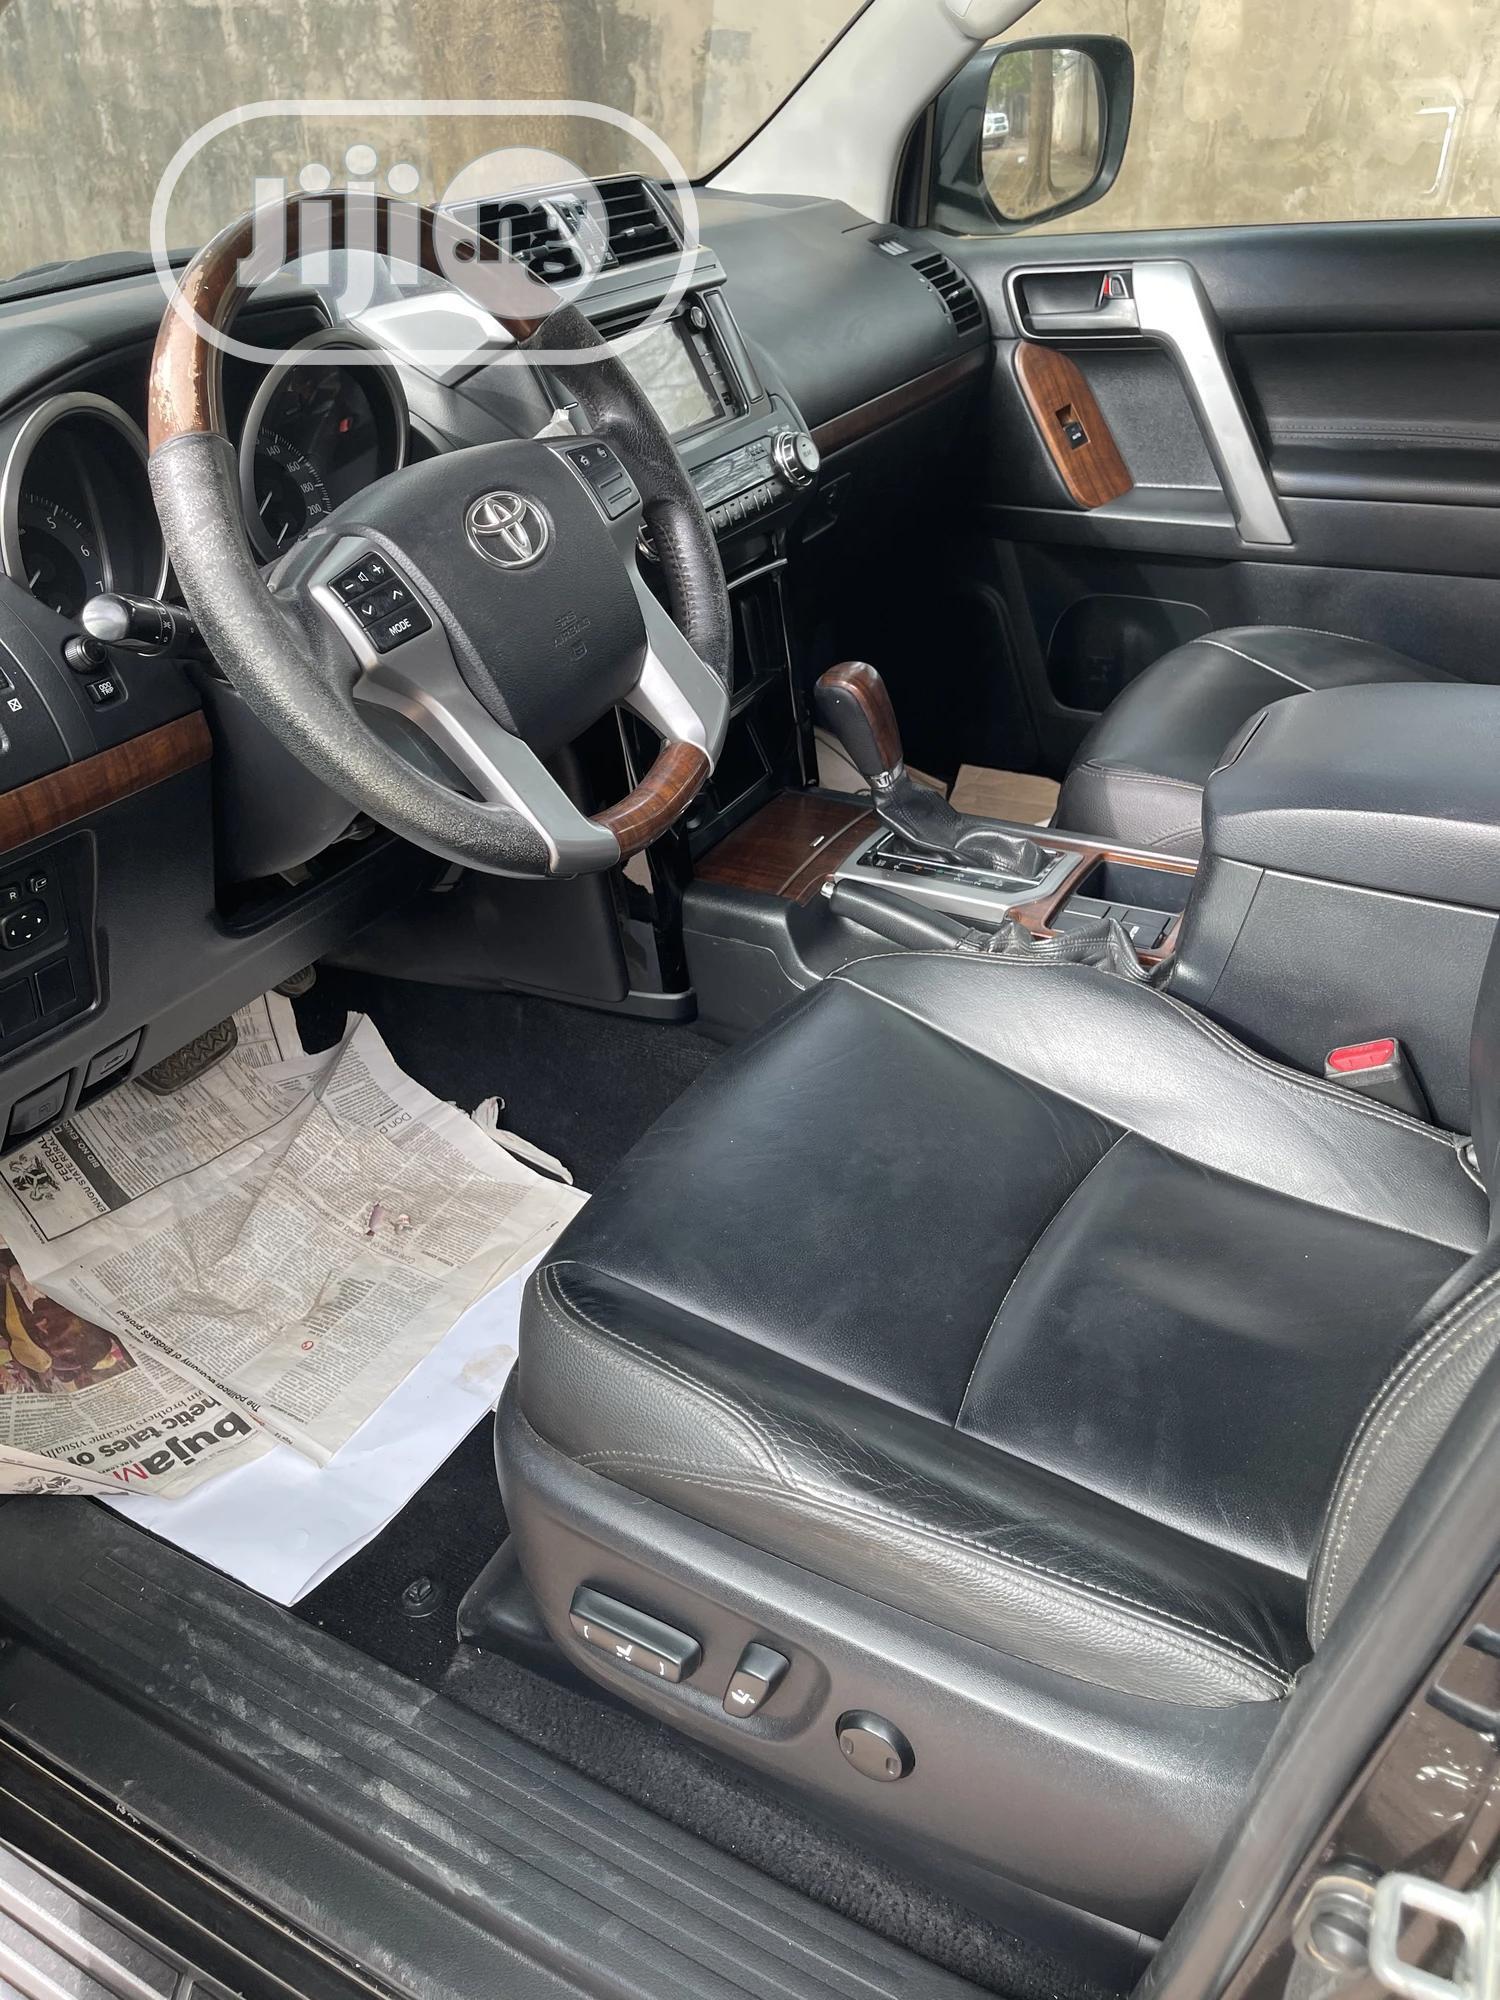 Archive: Toyota Land Cruiser Prado 2014 2.7 VVT-i Black